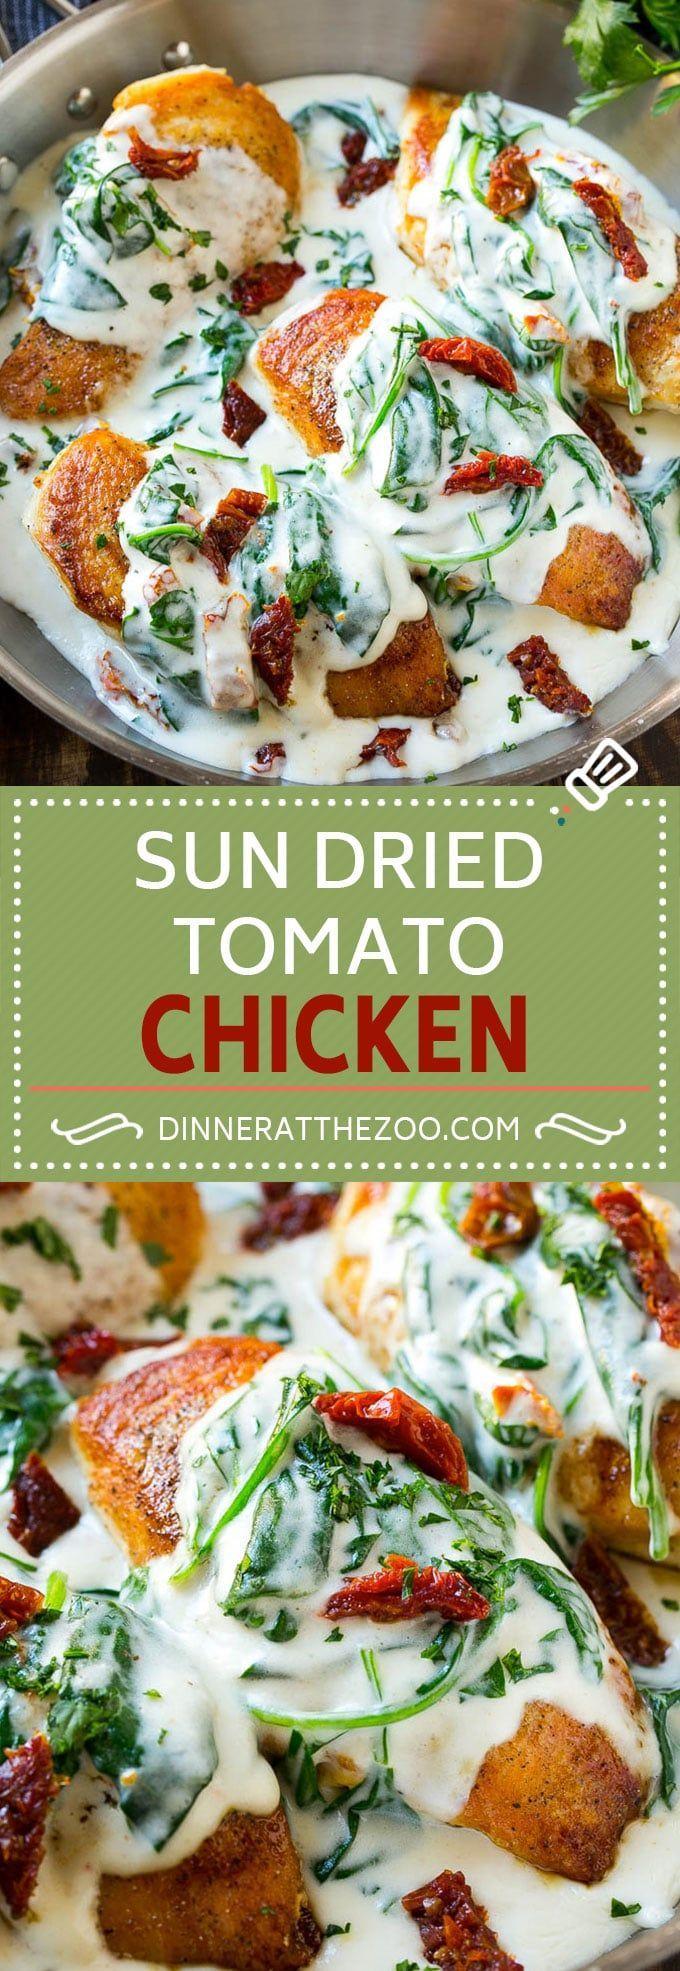 Sun Dried Tomato Chicken Recipe   Chicken in Sun Dried Tomato Sauce   Chicken with Cream Sauce   Chicken with Spinach   Italian Chicken